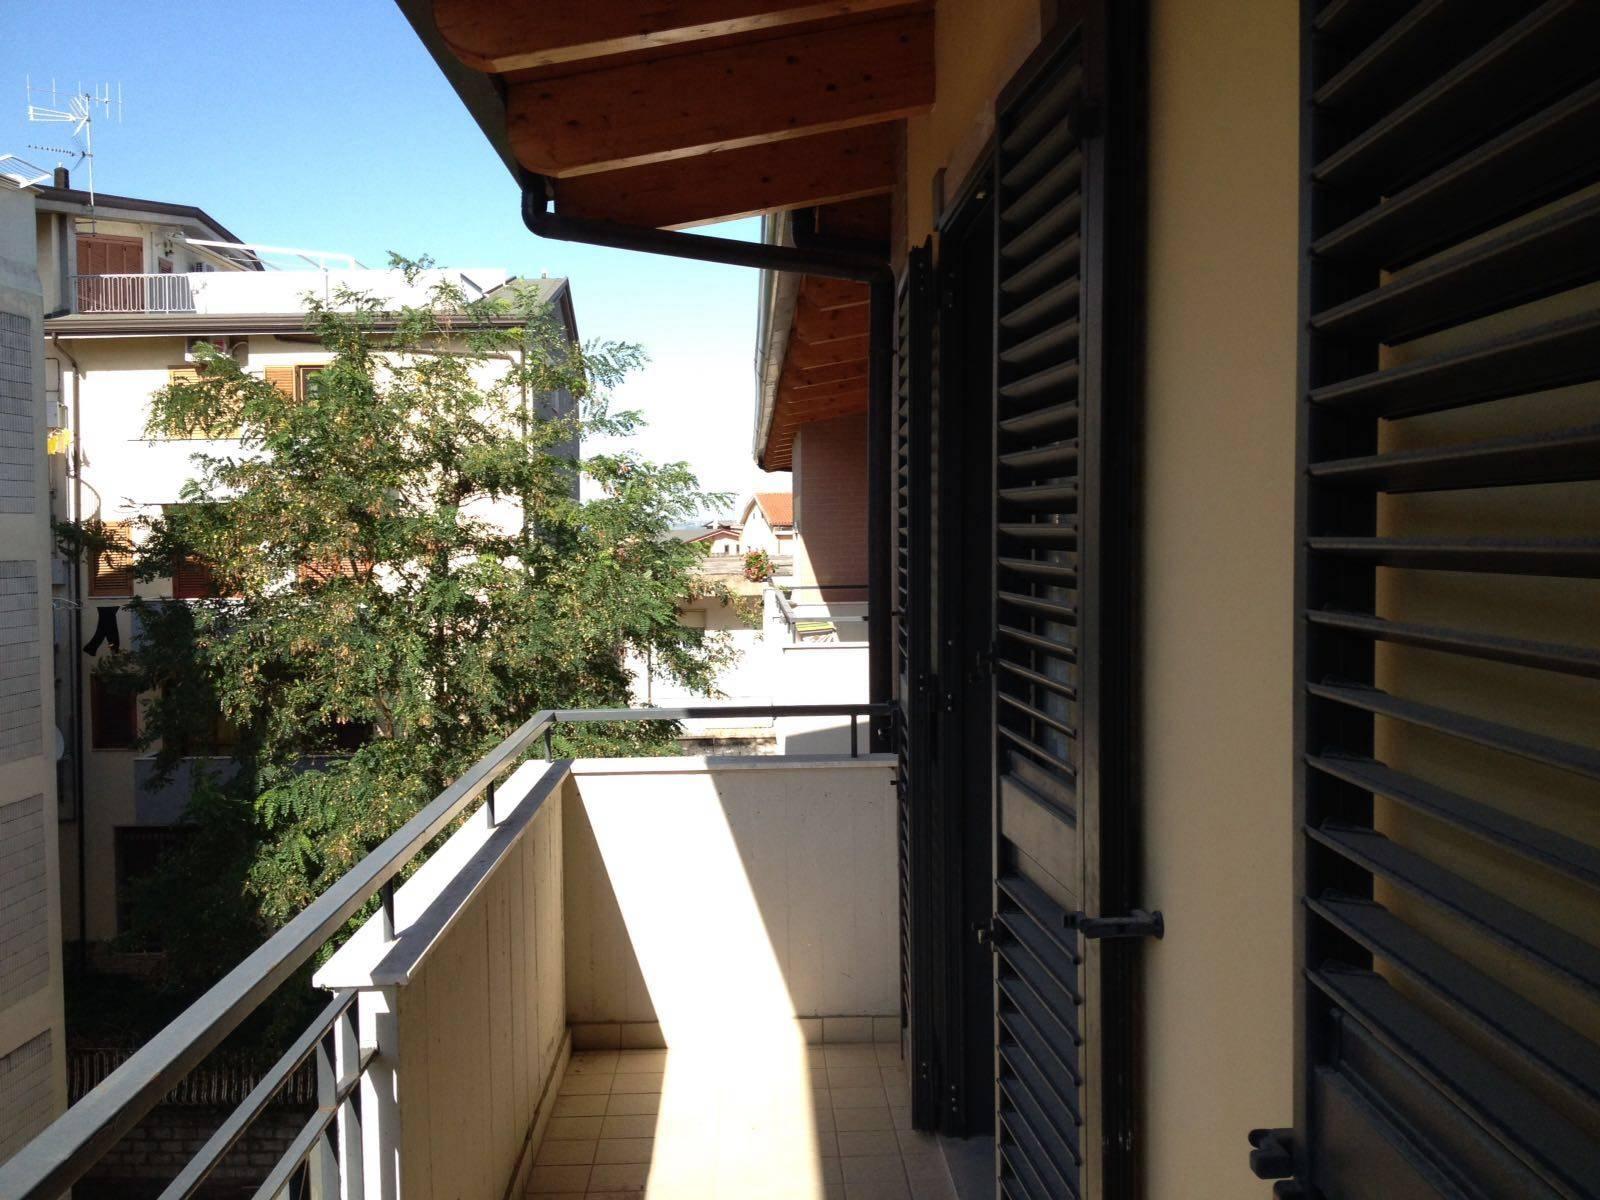 Appartamento in vendita a San Giorgio del Sannio, 3 locali, prezzo € 128.000 | CambioCasa.it